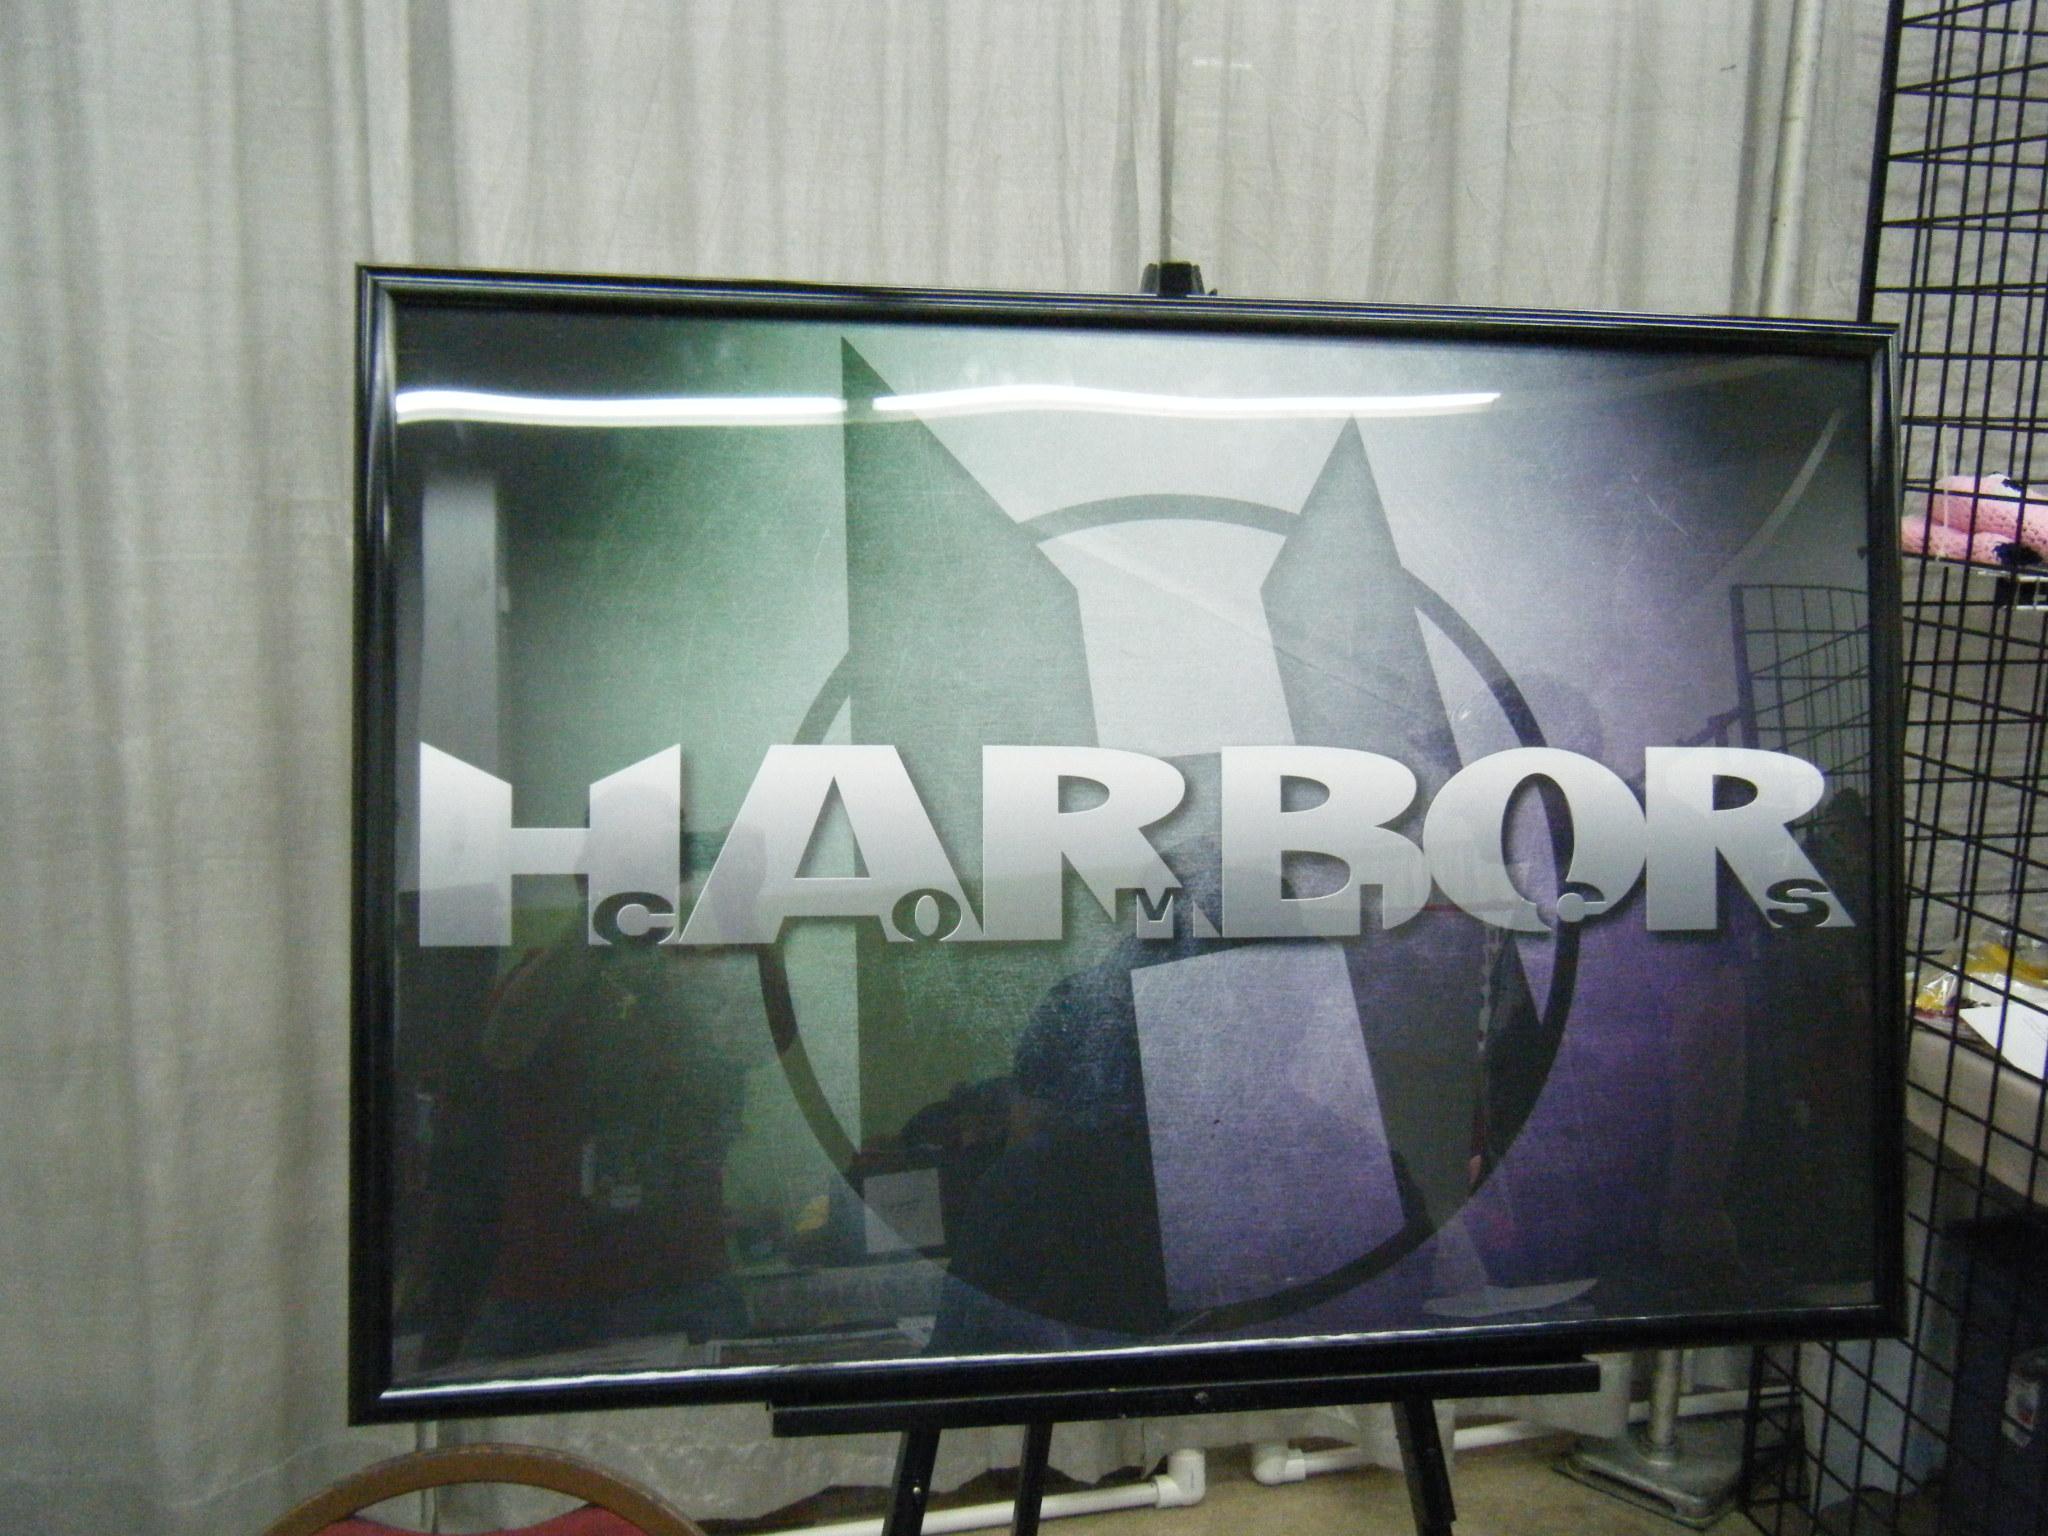 1harborcomx